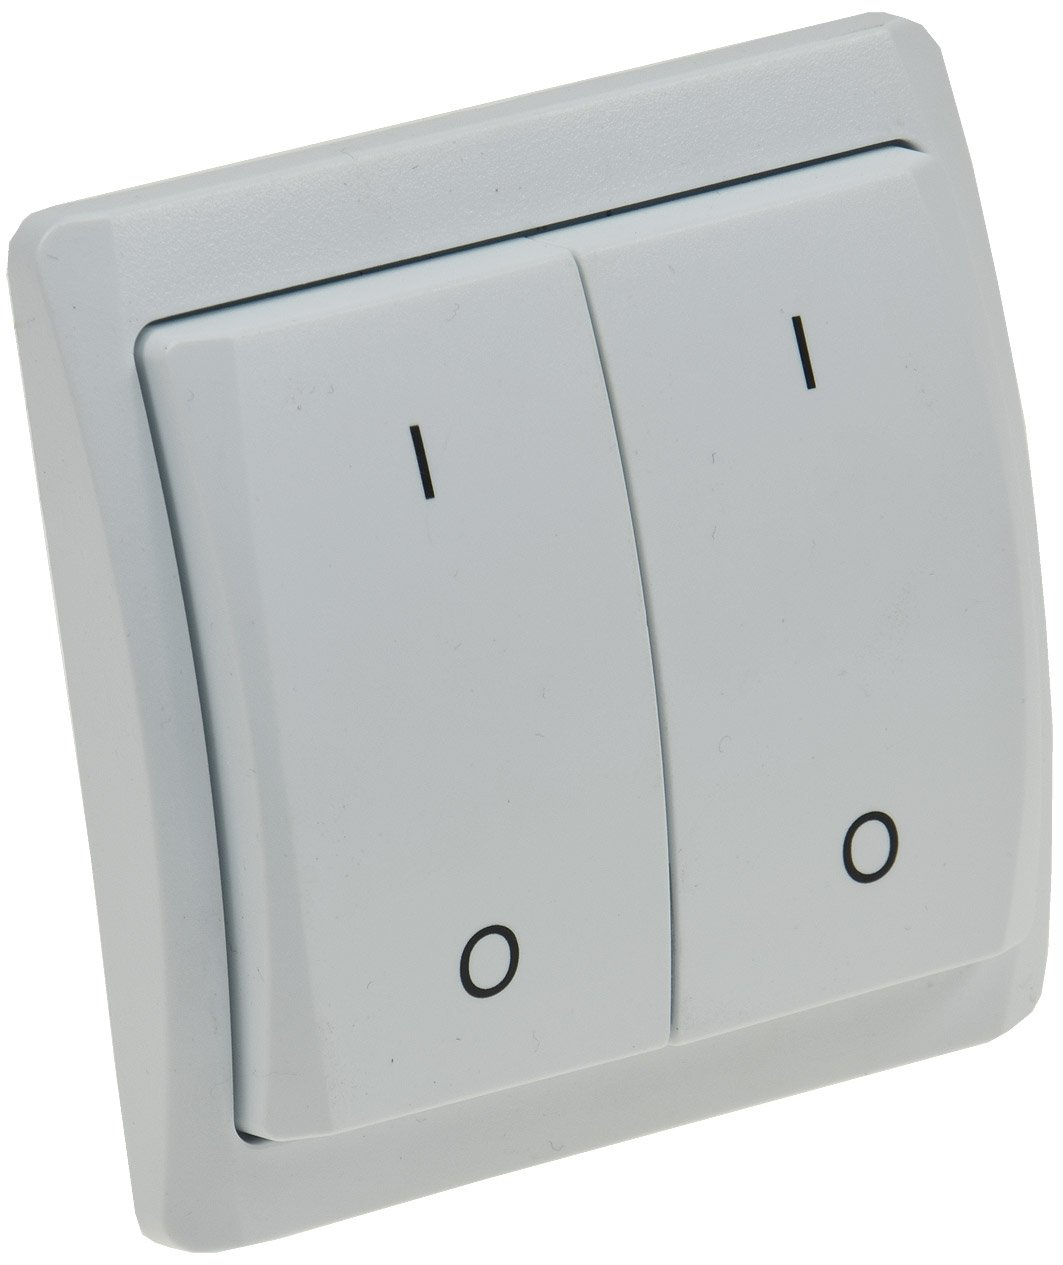 'Radio trasmettitore interruttore 2prese da parete Pilota casa AUFPUTZ 230V 70m portata Comfort Serie trasmettitore radio/controllo ChiliTec GmbH